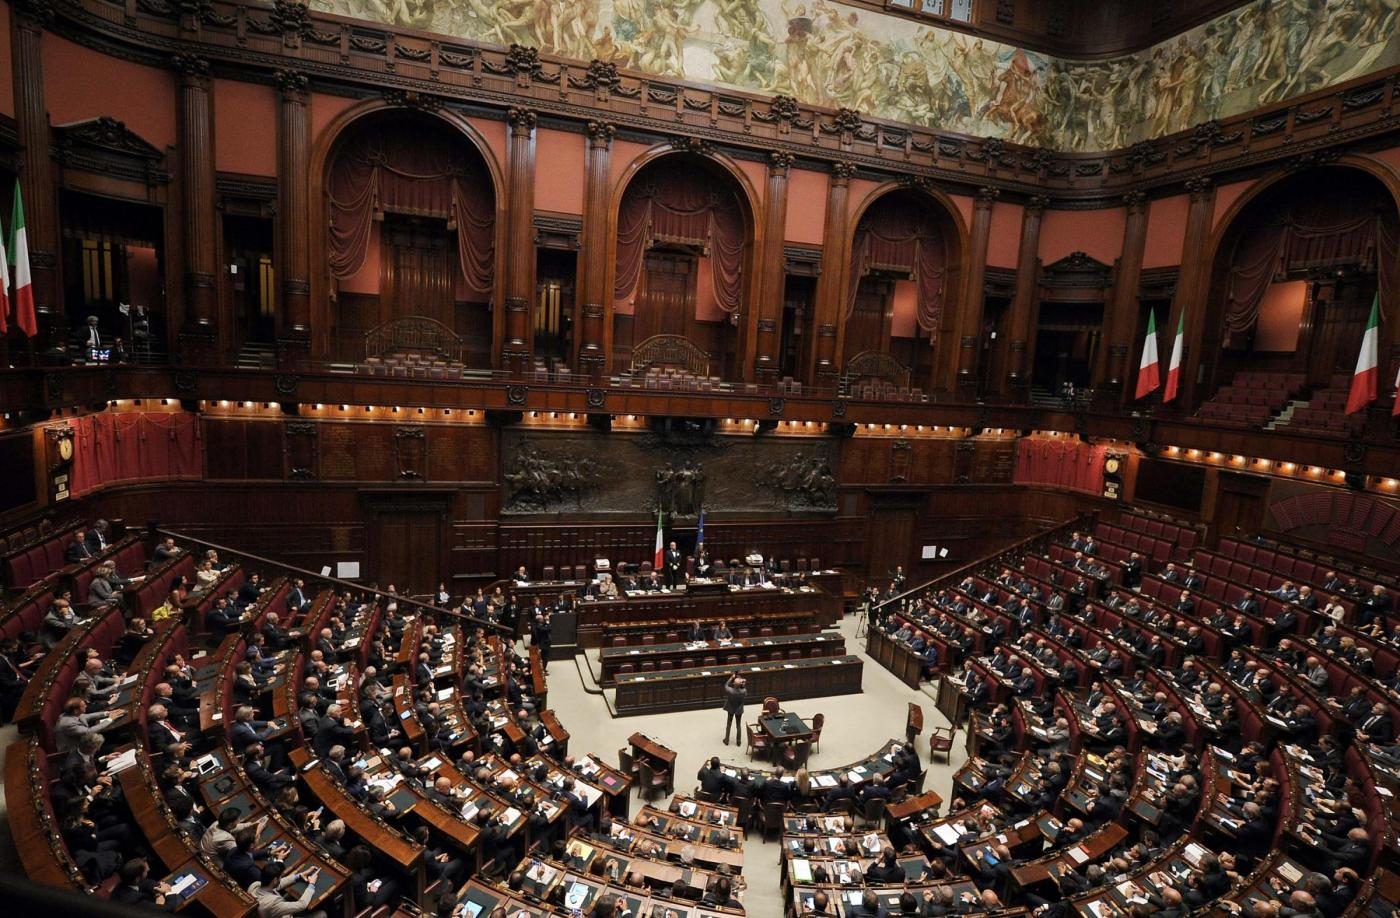 Aula di Montecitorio